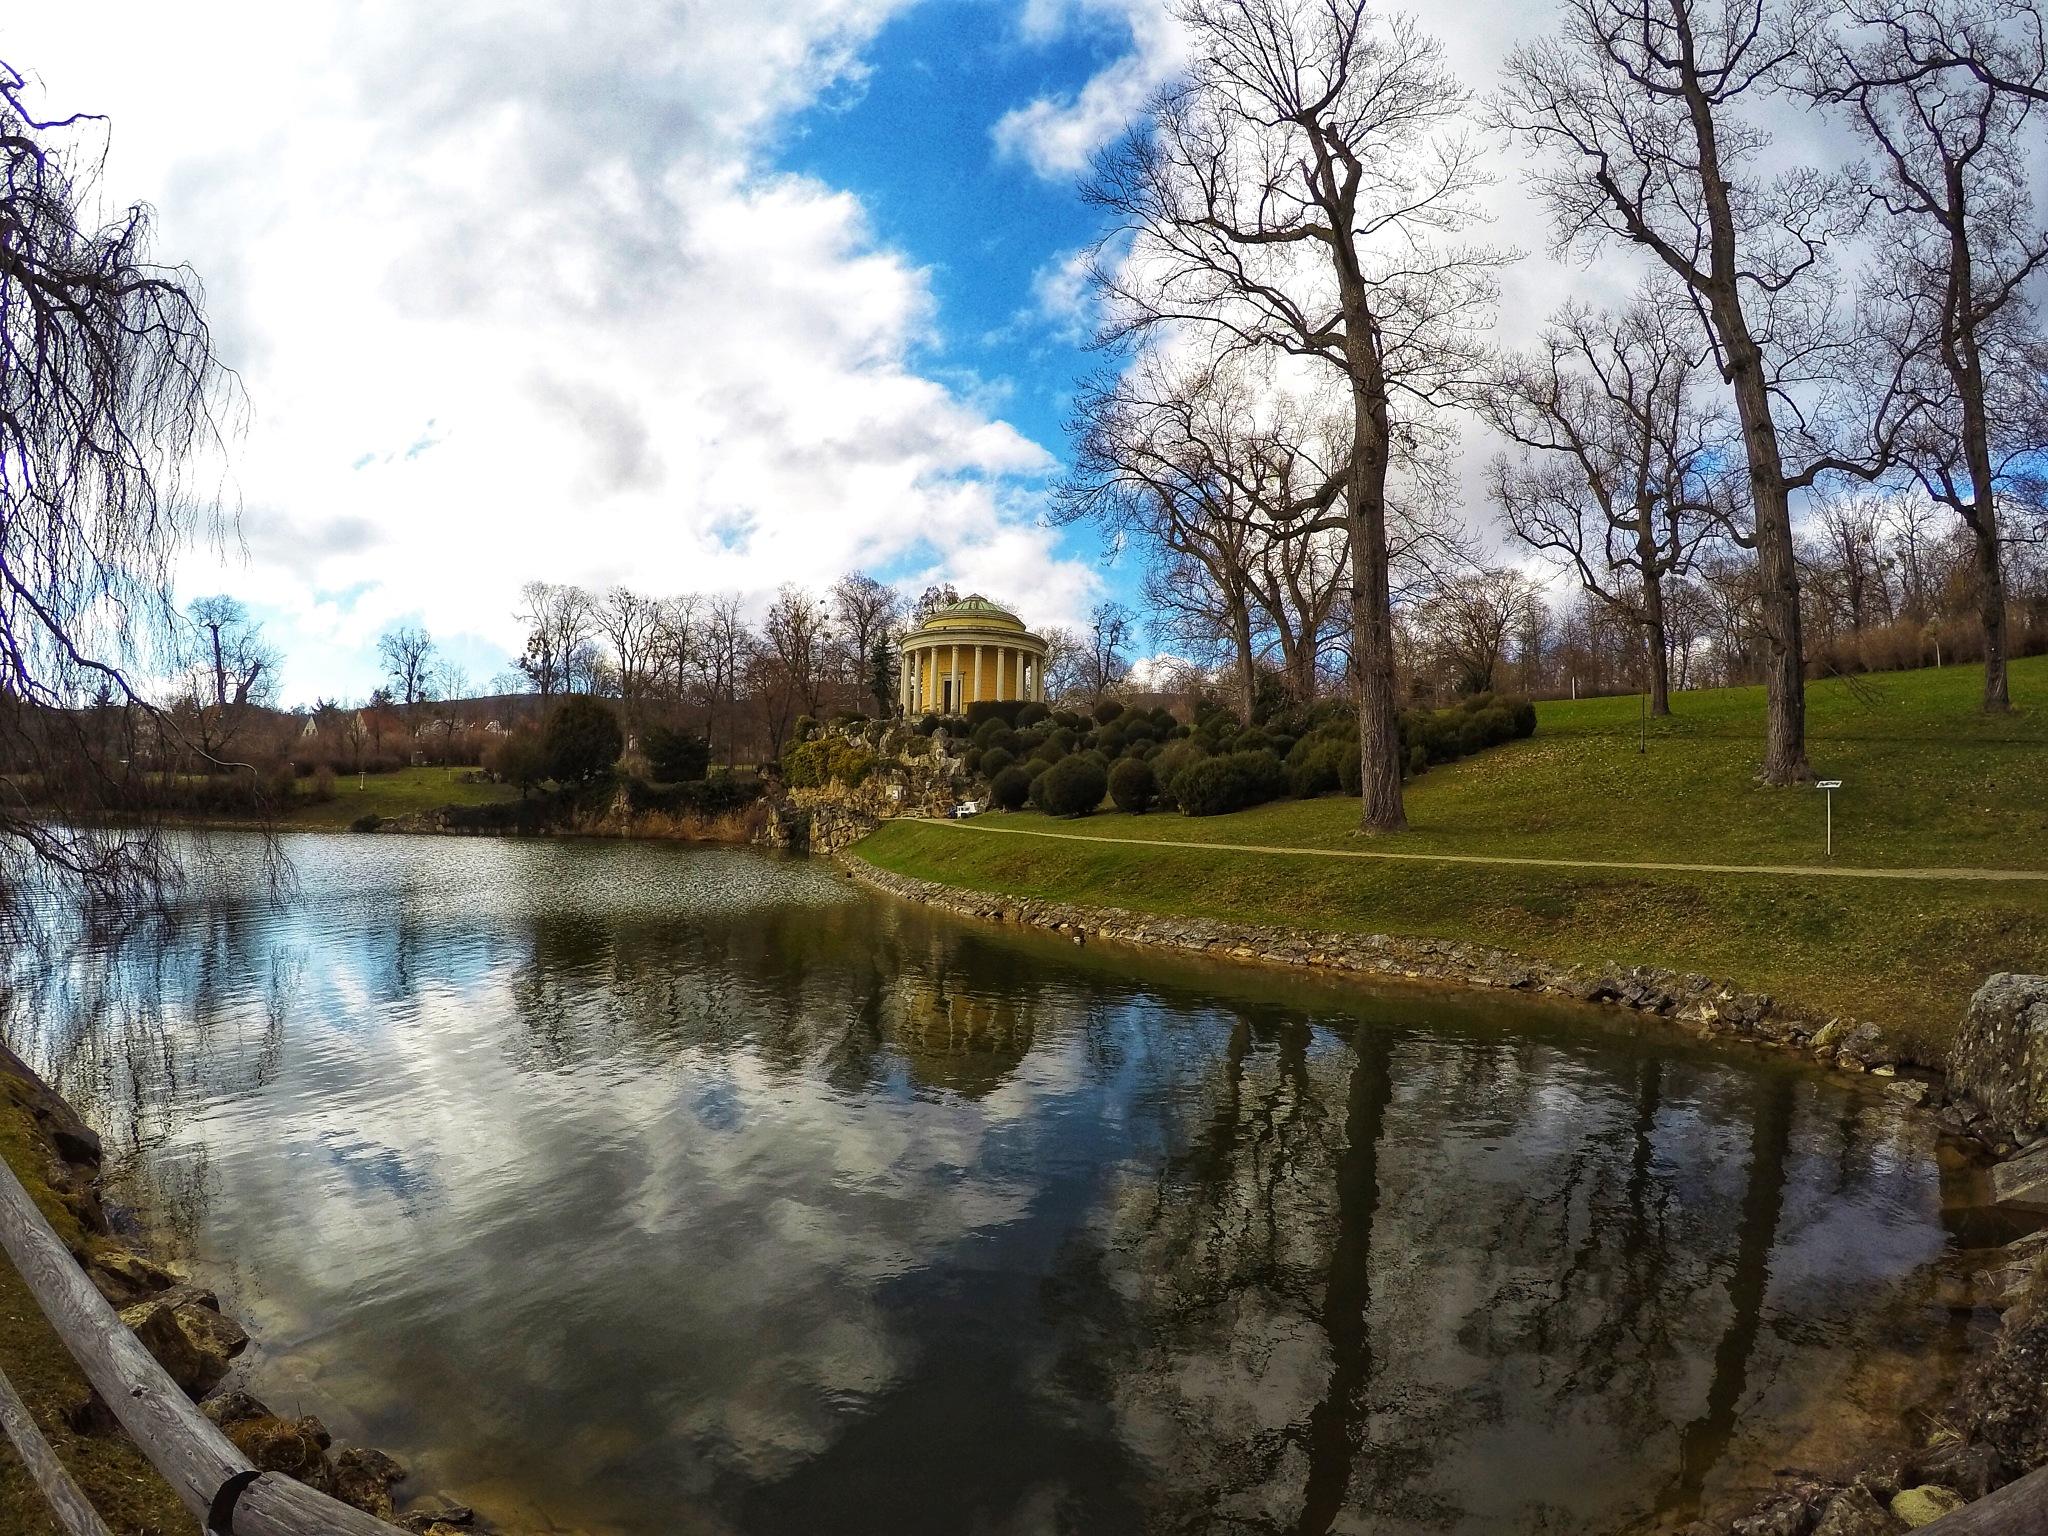 Schlosspark Eisenstadt by FaRsHaD